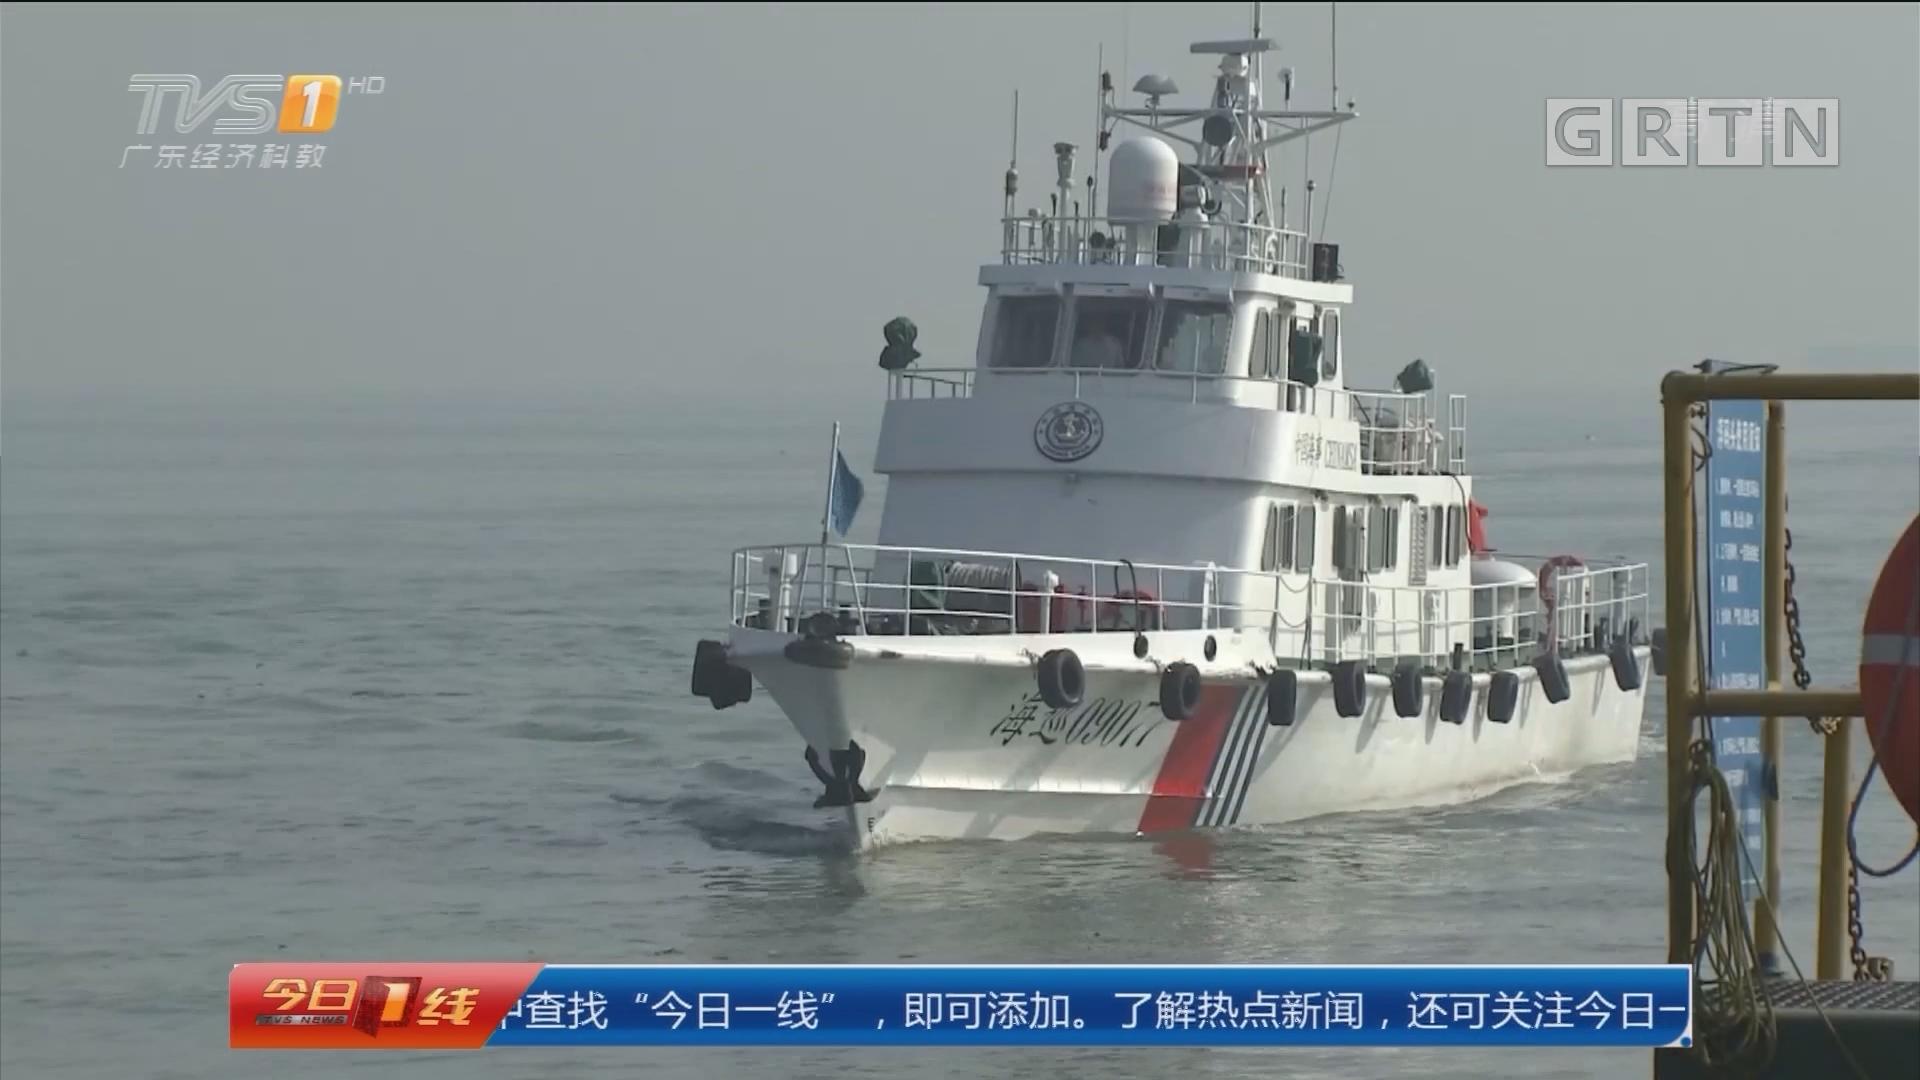 珠江口撞船事故追踪:风雨交加 5名失联船员仍在搜寻中